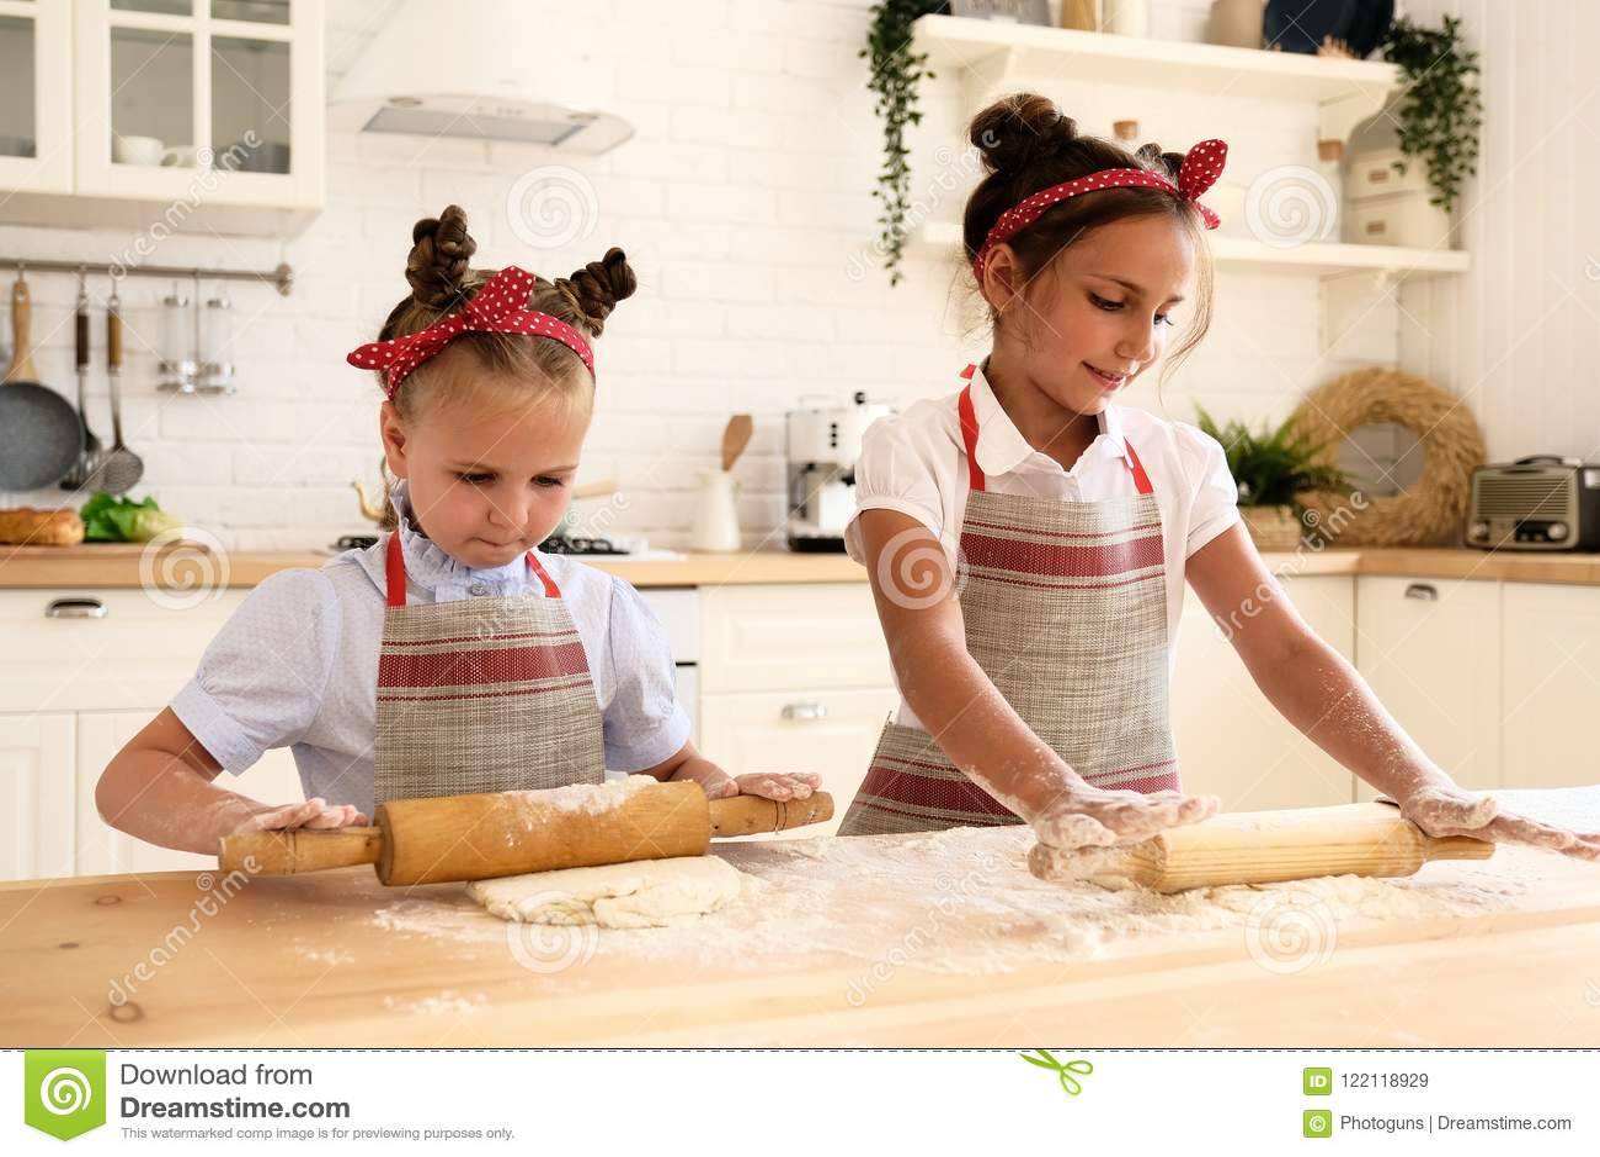 Cucinando con i bambini